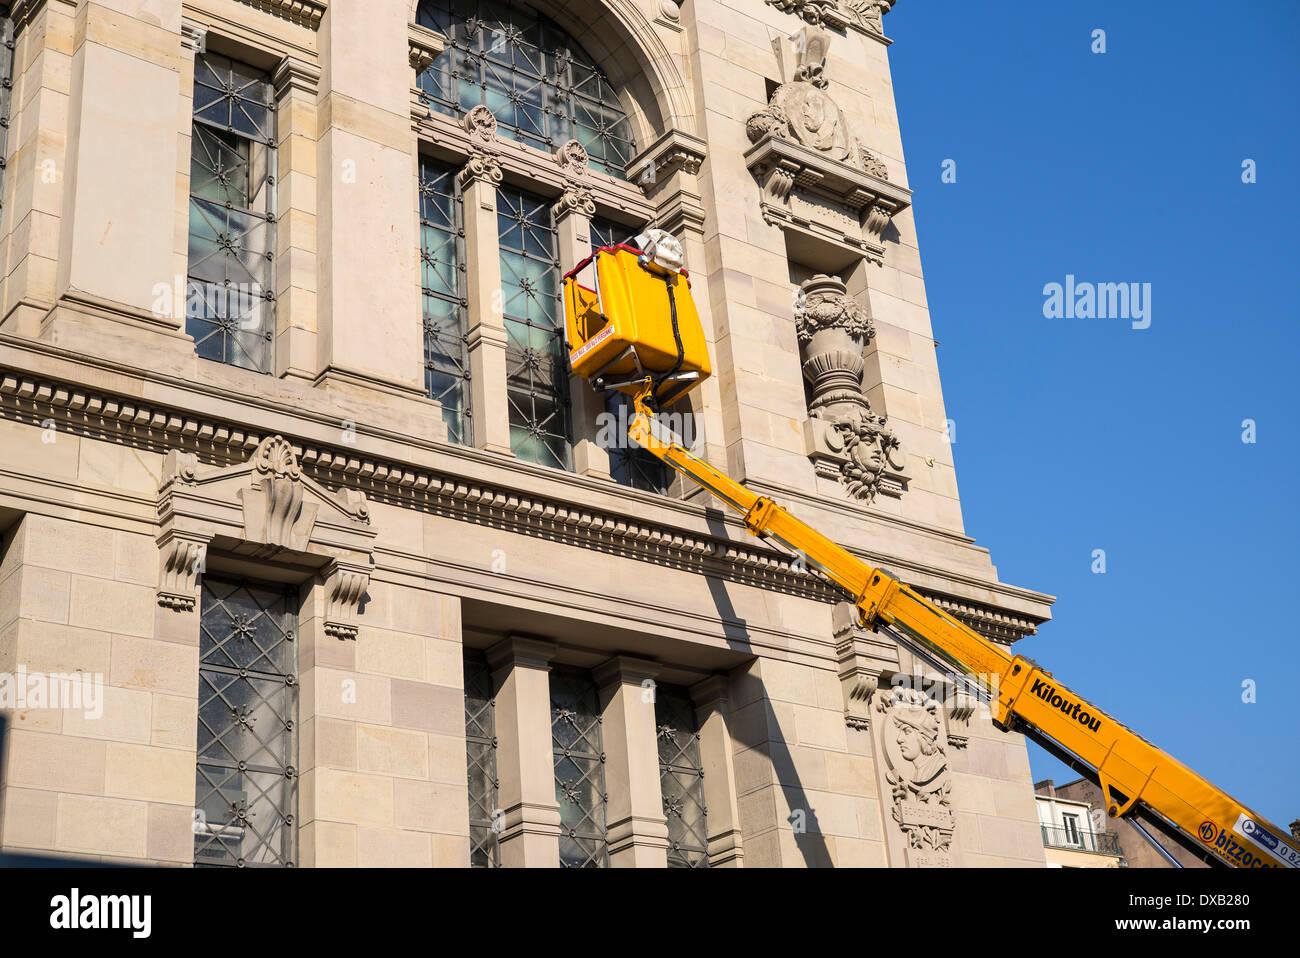 Kiloutou Rue De Rome en ce qui concerne bnu stock photos & bnu stock images - alamy